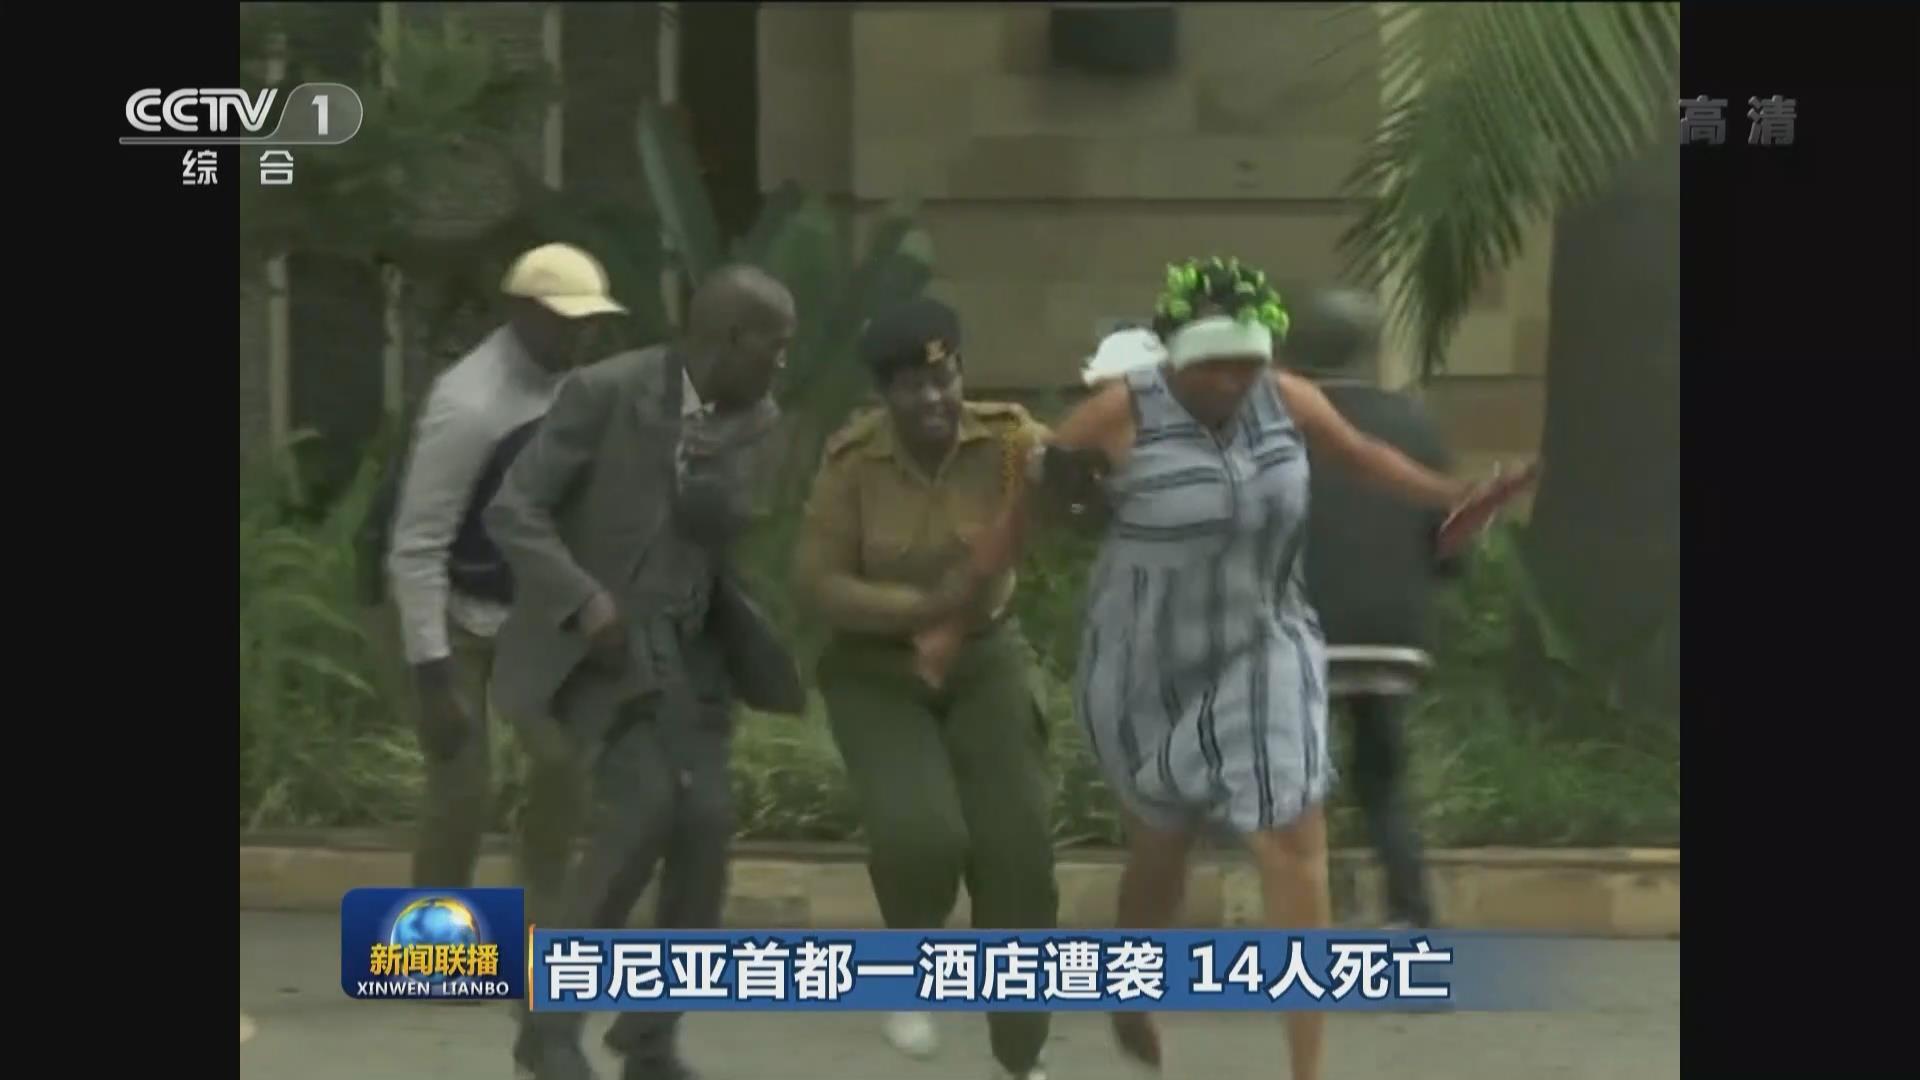 肯尼亞首都一酒店遭襲